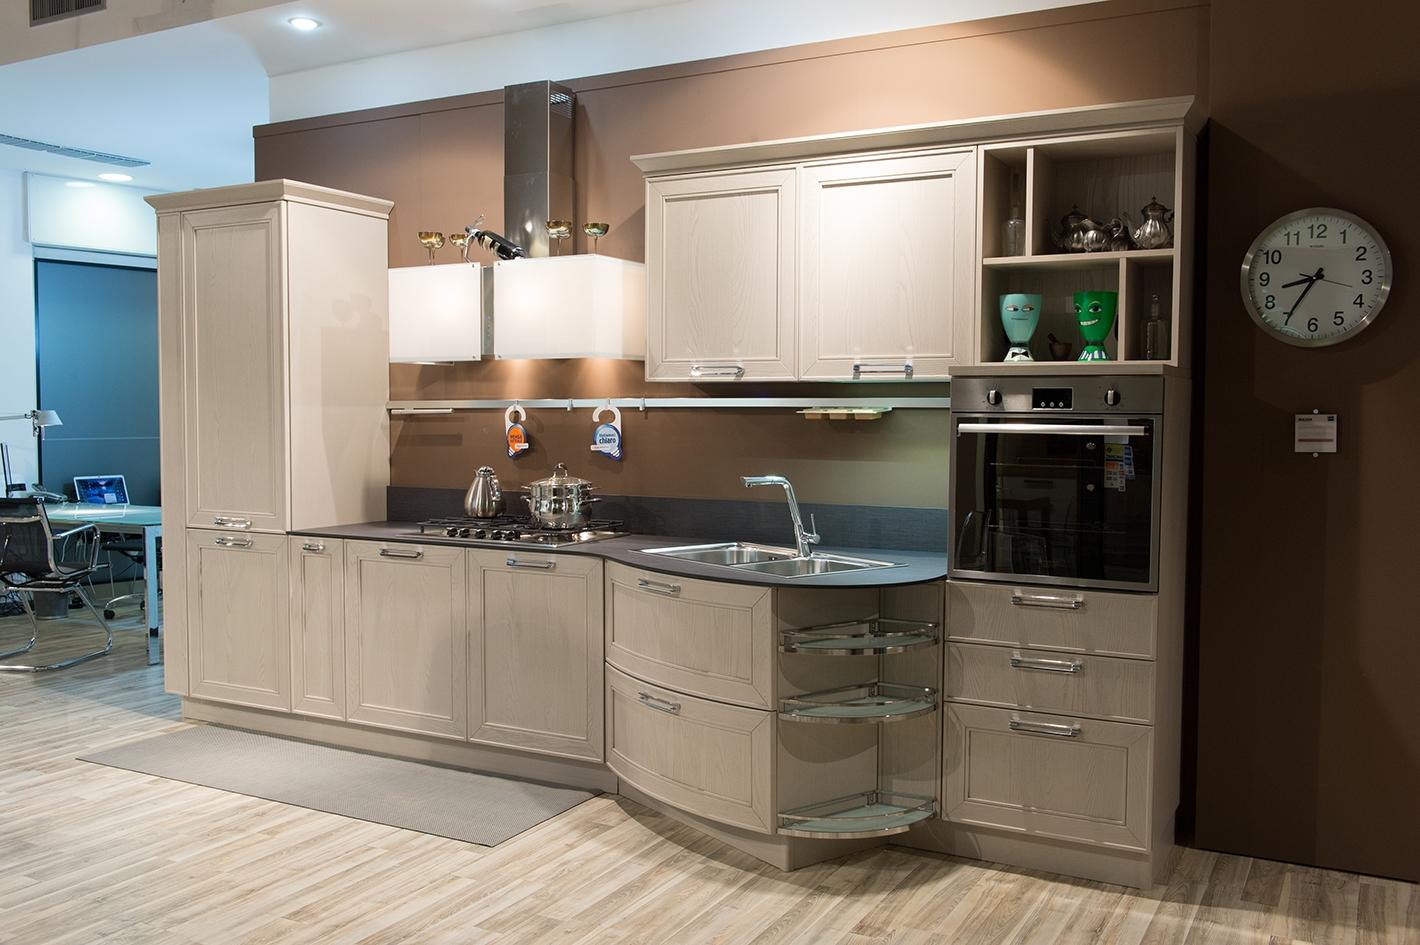 Cucina stosa mod maxim completa di elettrodomestici 20232 - Prezzo cucina stosa ...